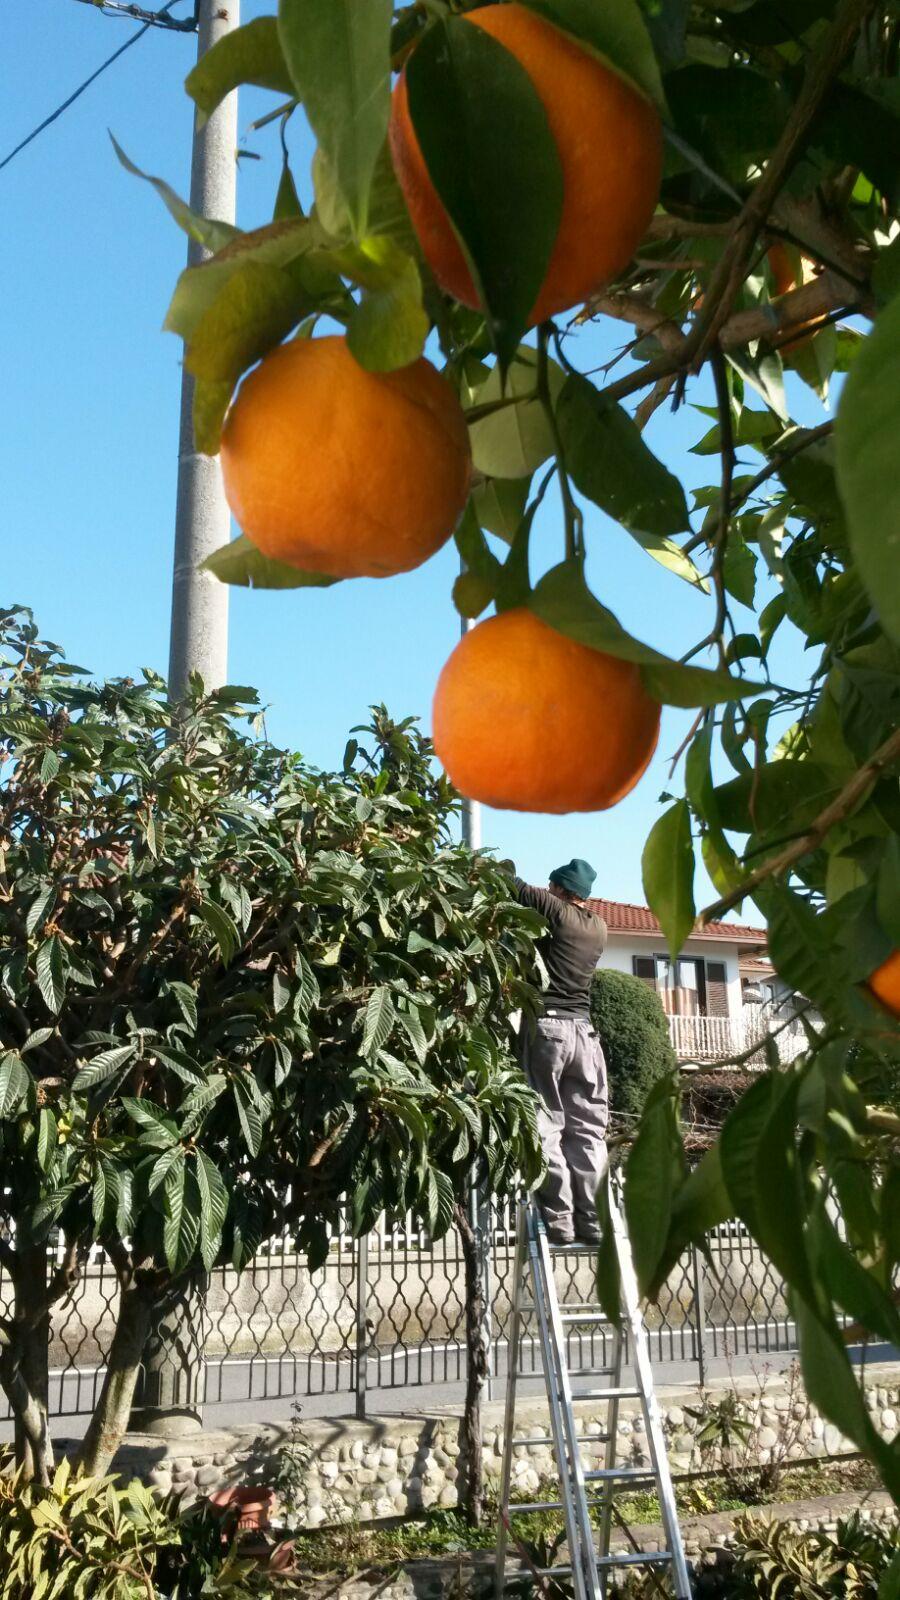 veduta di arance attacate all'albero